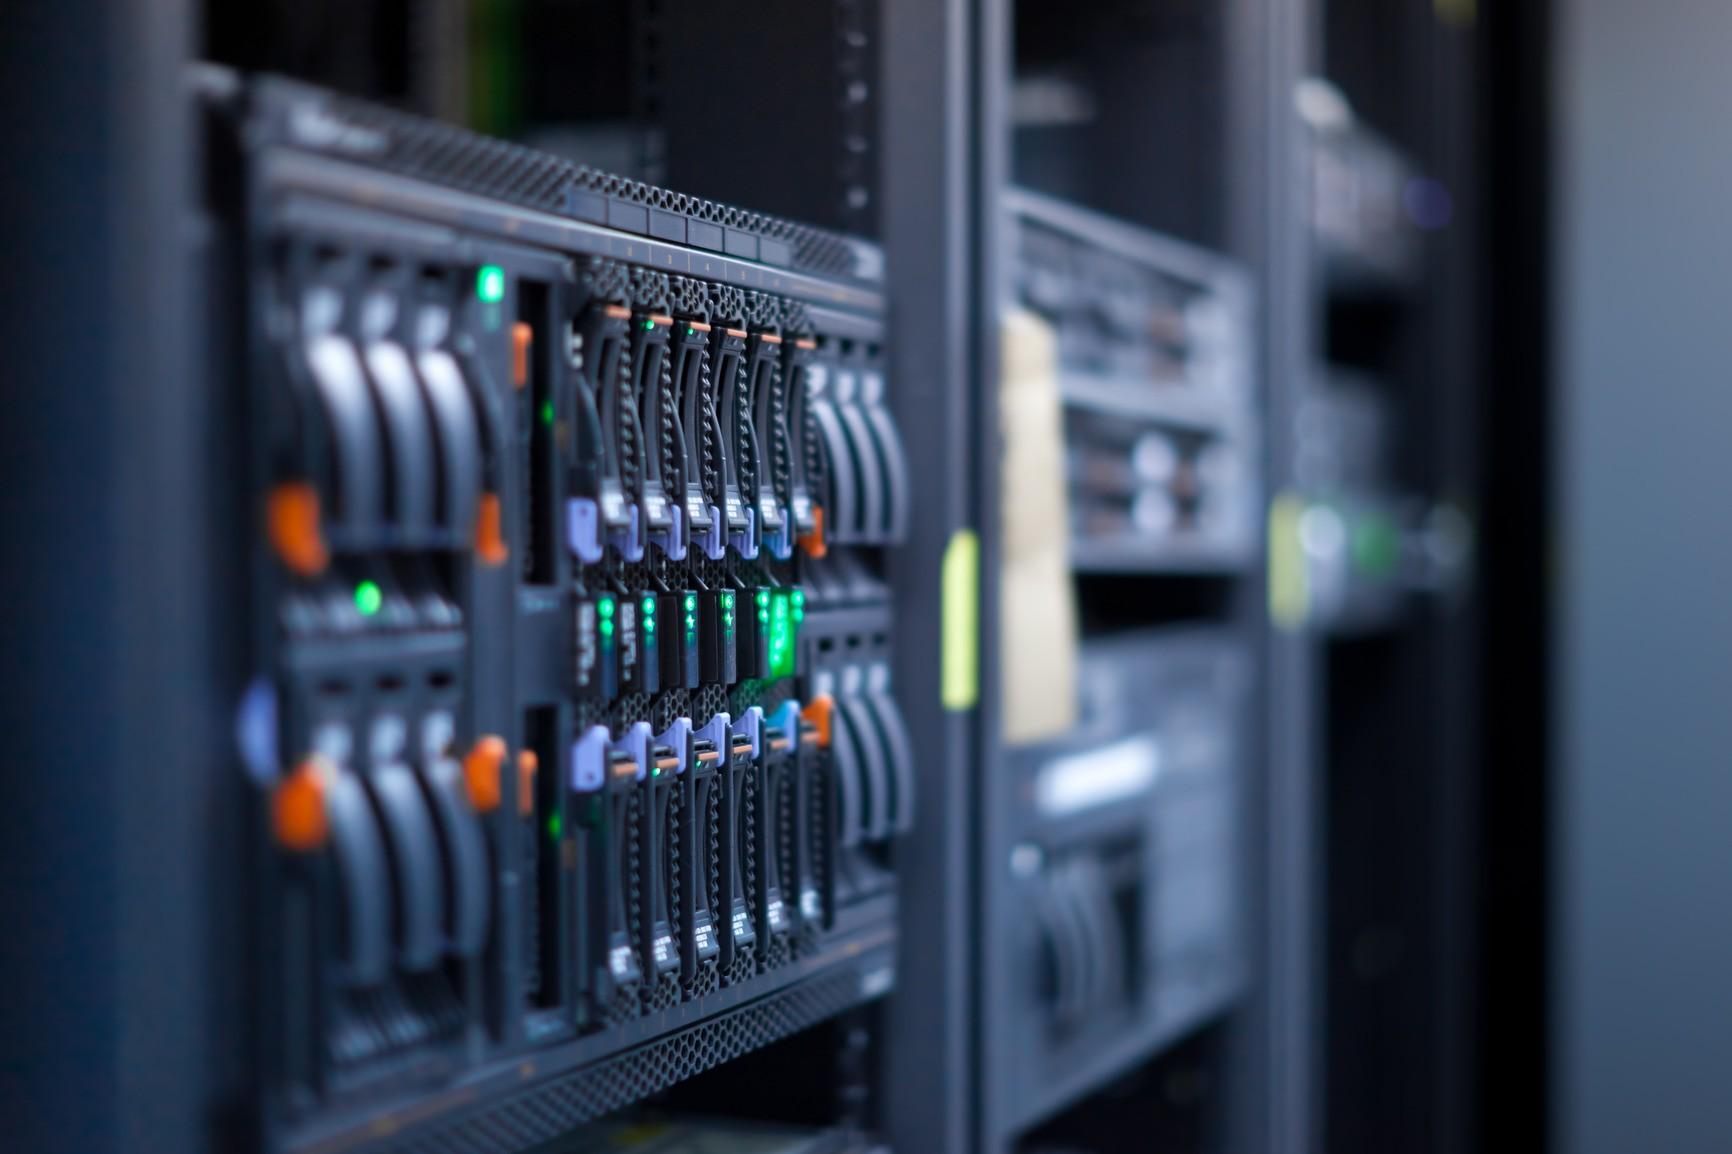 В сети найден магазин со взломанными серверами